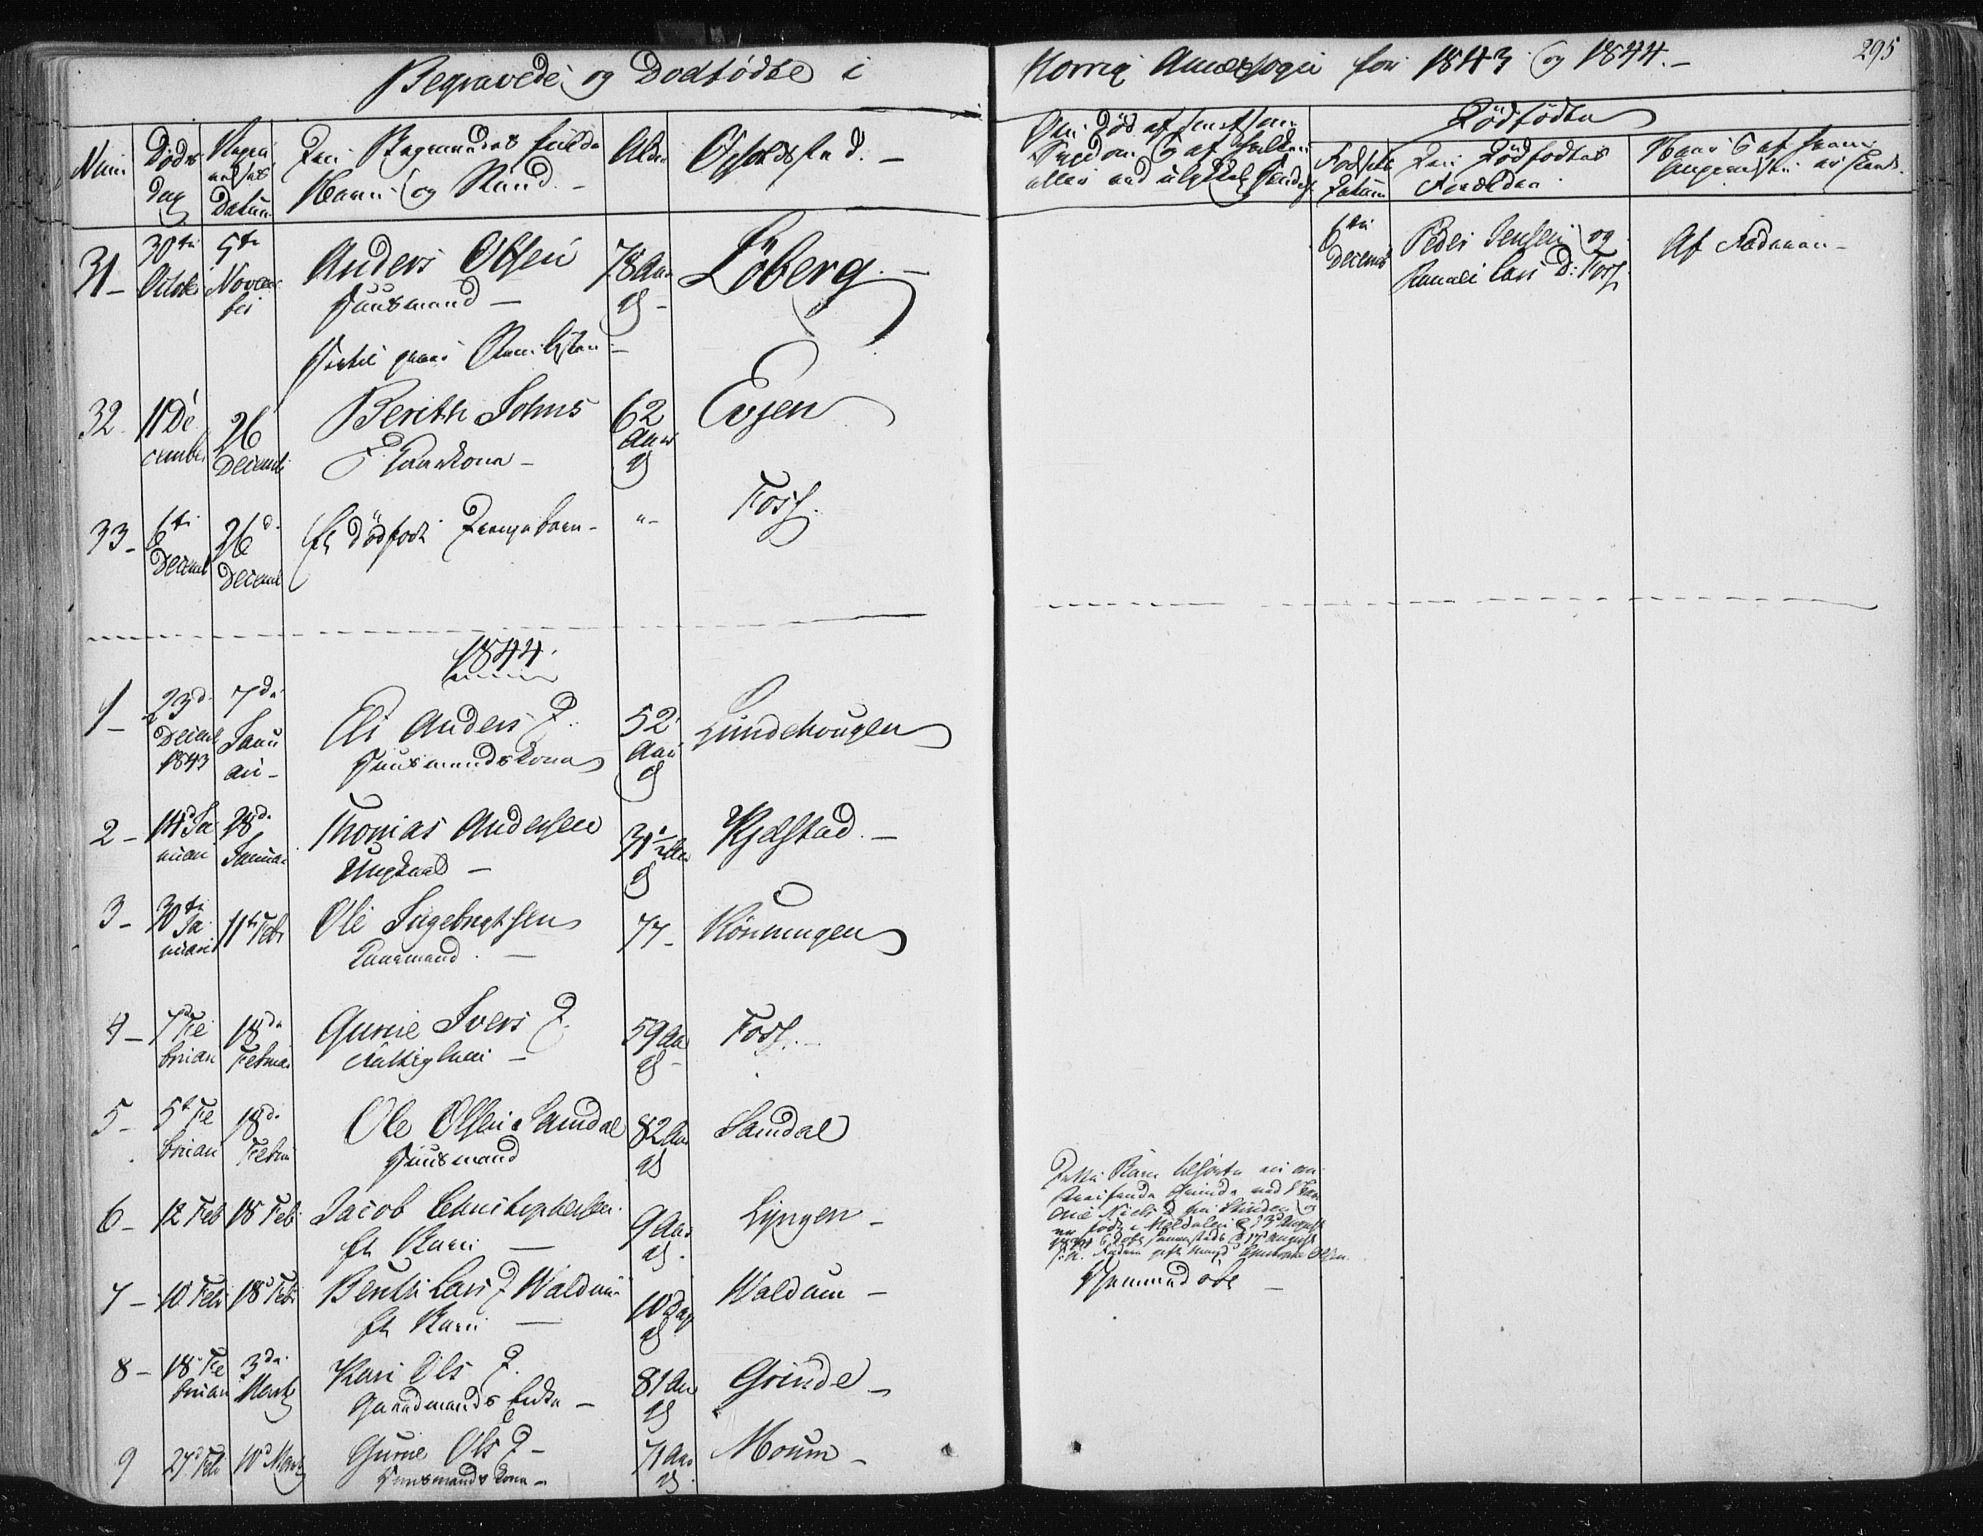 SAT, Ministerialprotokoller, klokkerbøker og fødselsregistre - Sør-Trøndelag, 687/L0998: Ministerialbok nr. 687A05 /2, 1843-1849, s. 295